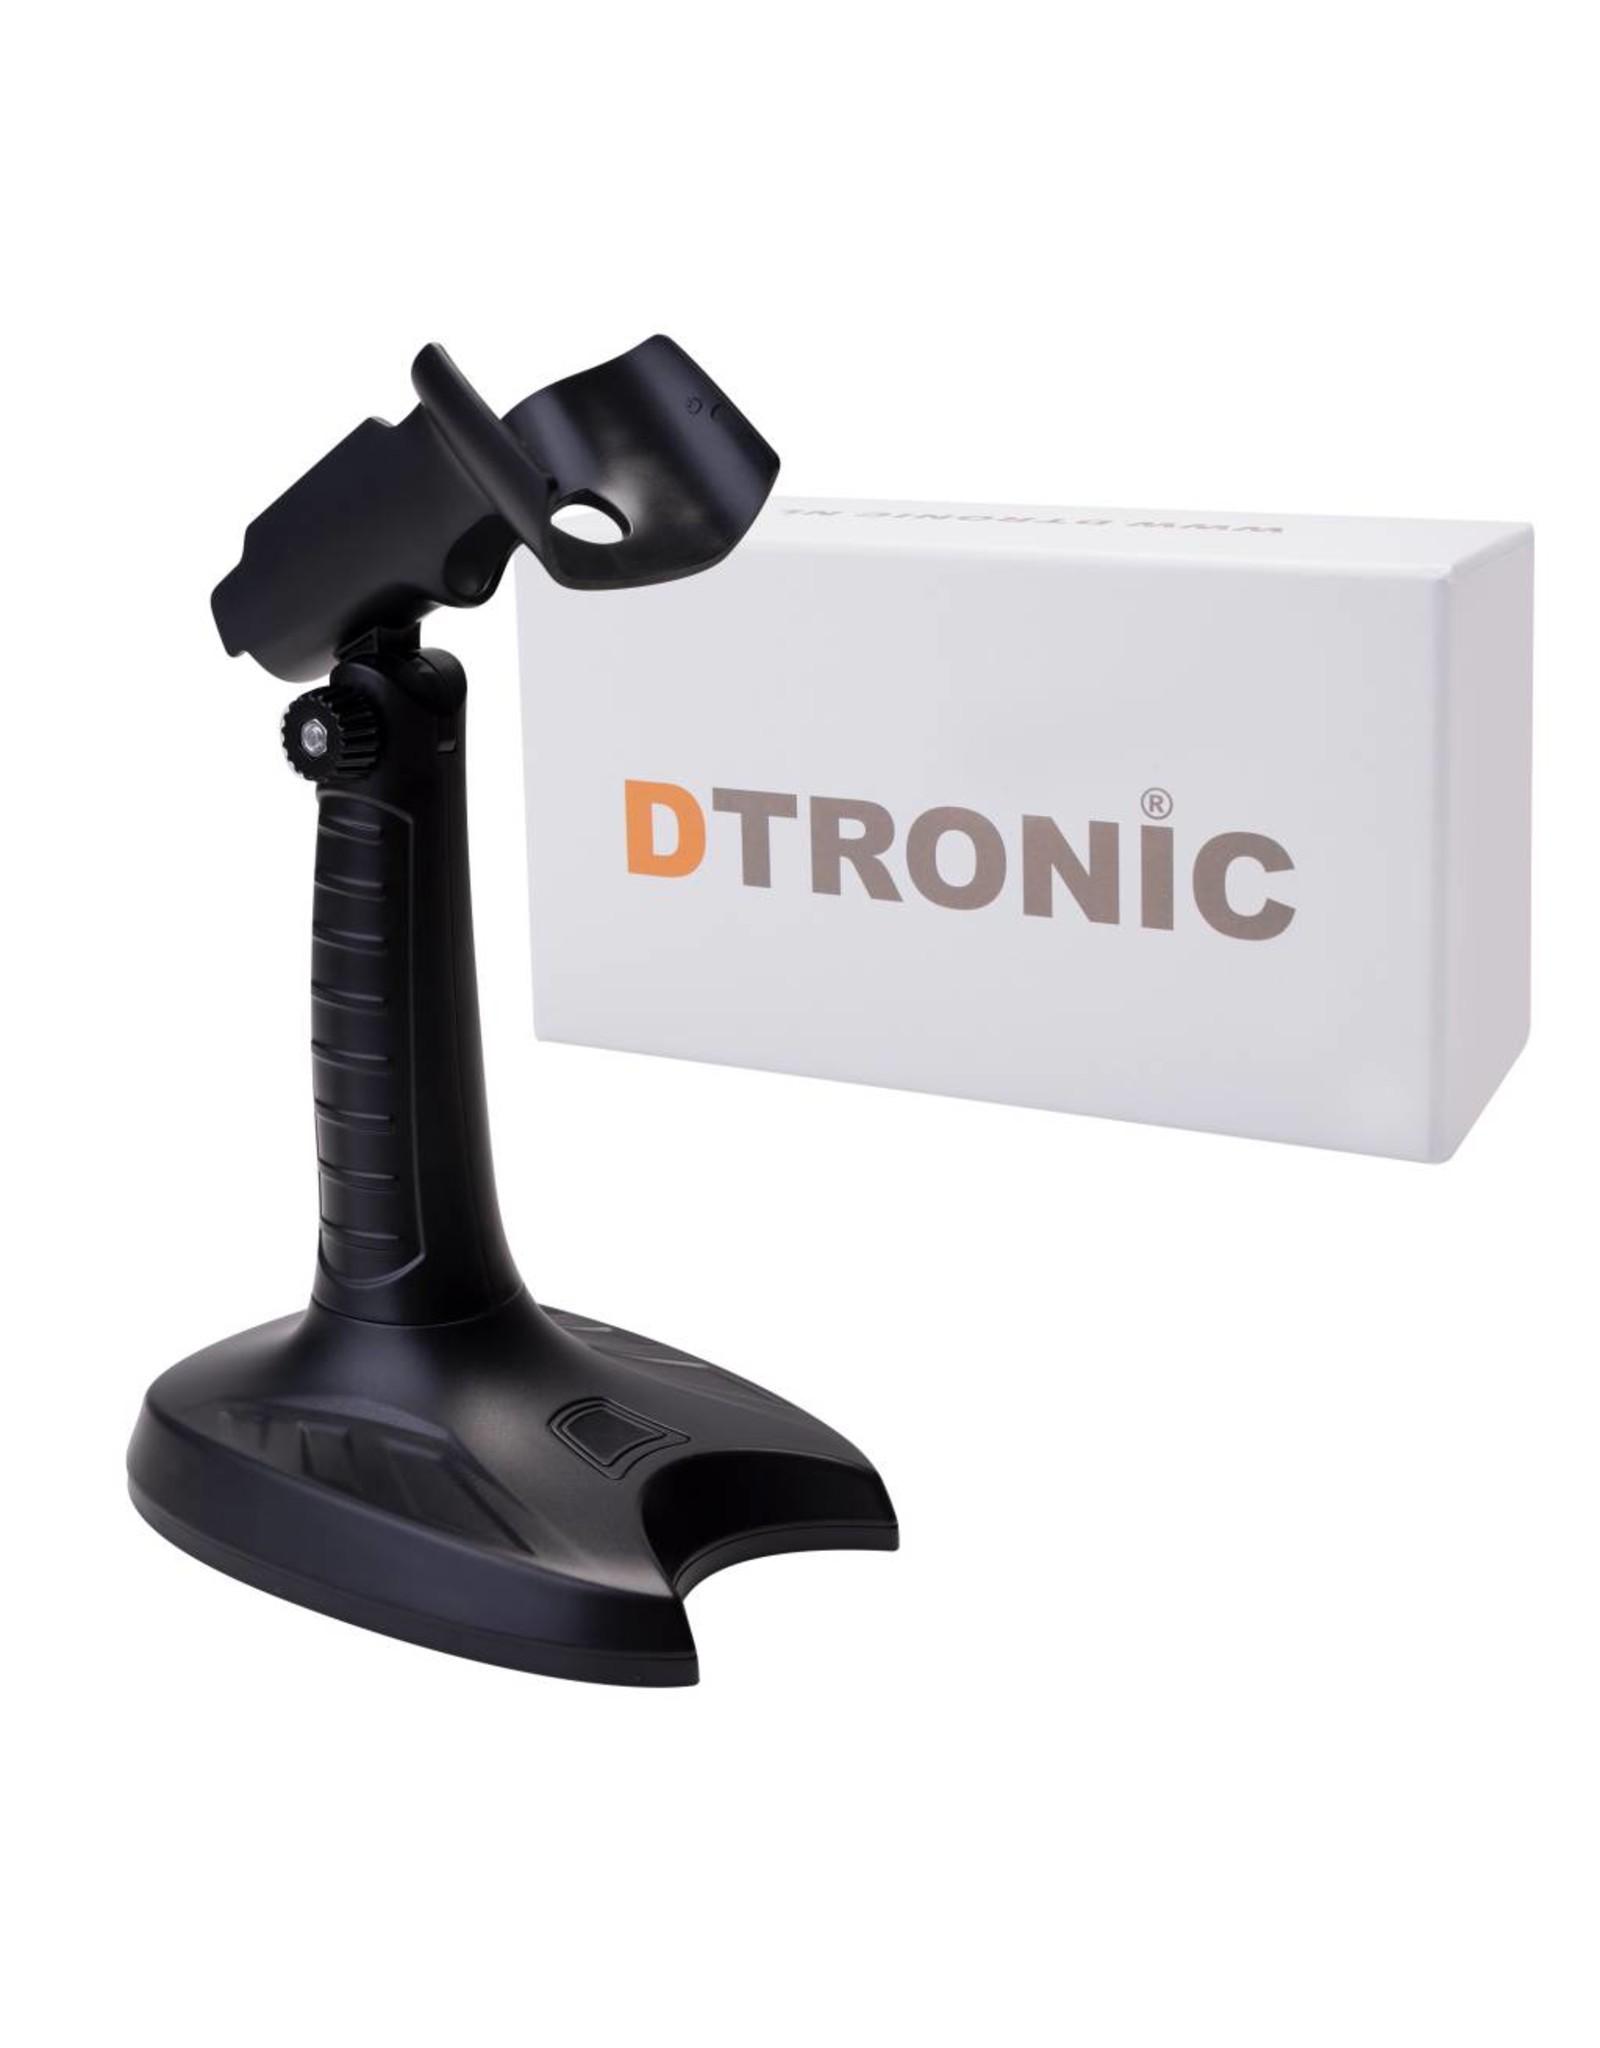 DTRONIC DTRONIC - MT16